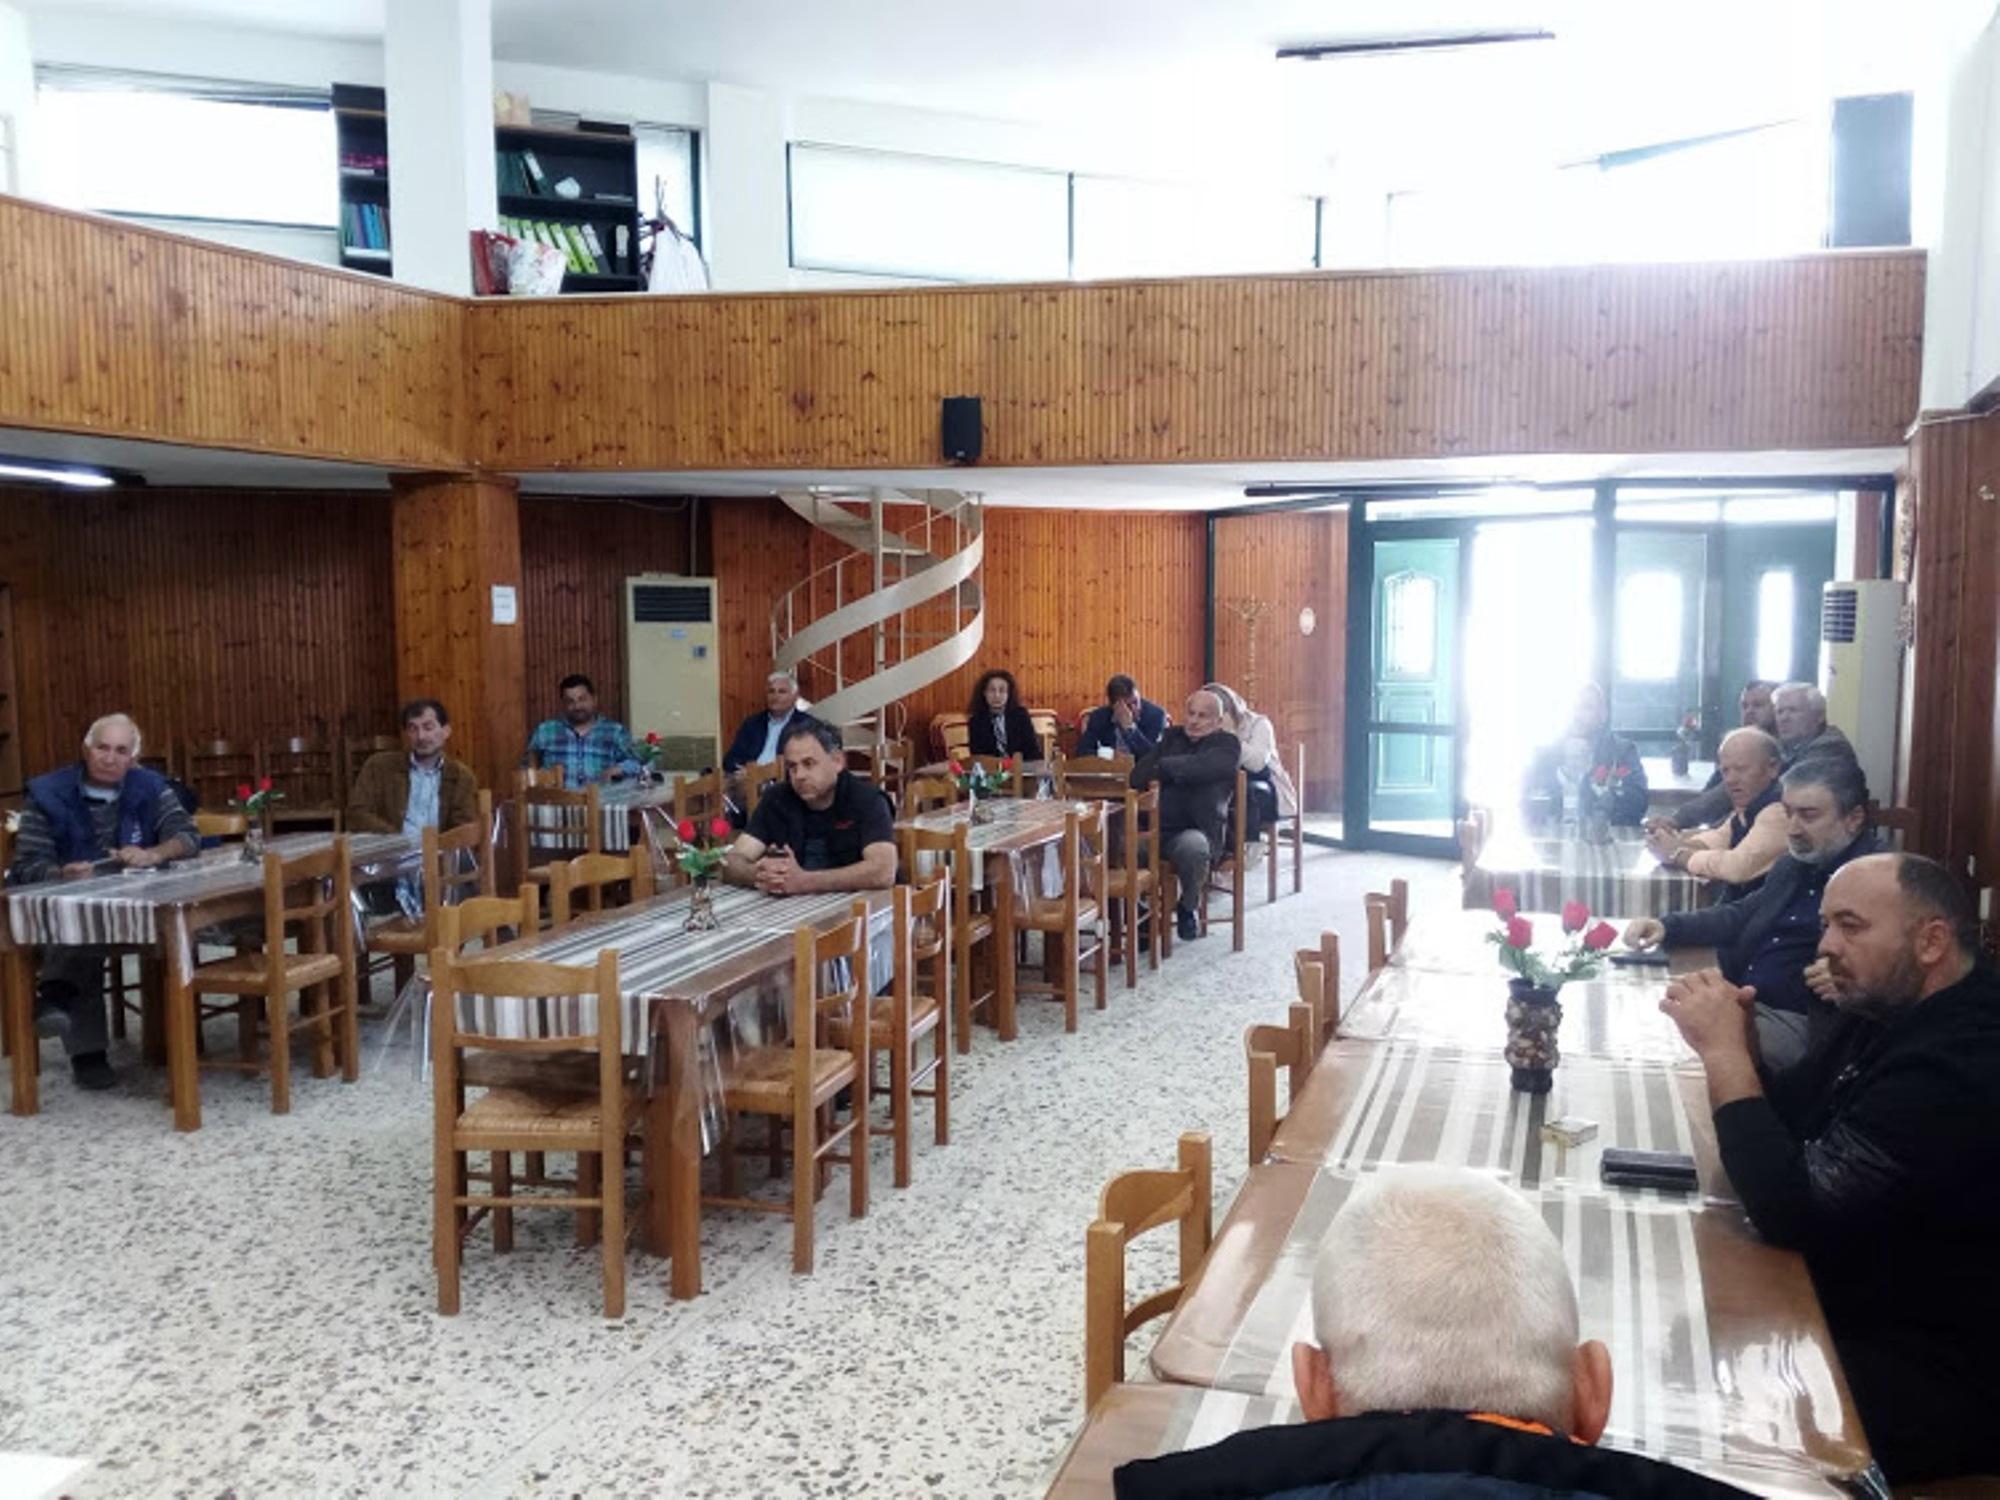 Δήμος Πηνειού: Ξεκινούν από σήμερα Δευτέρα έλεγχοι για τις παροχές ύδρευσης -Ενέργειες για την διασφάλιση πόσιμου νερού